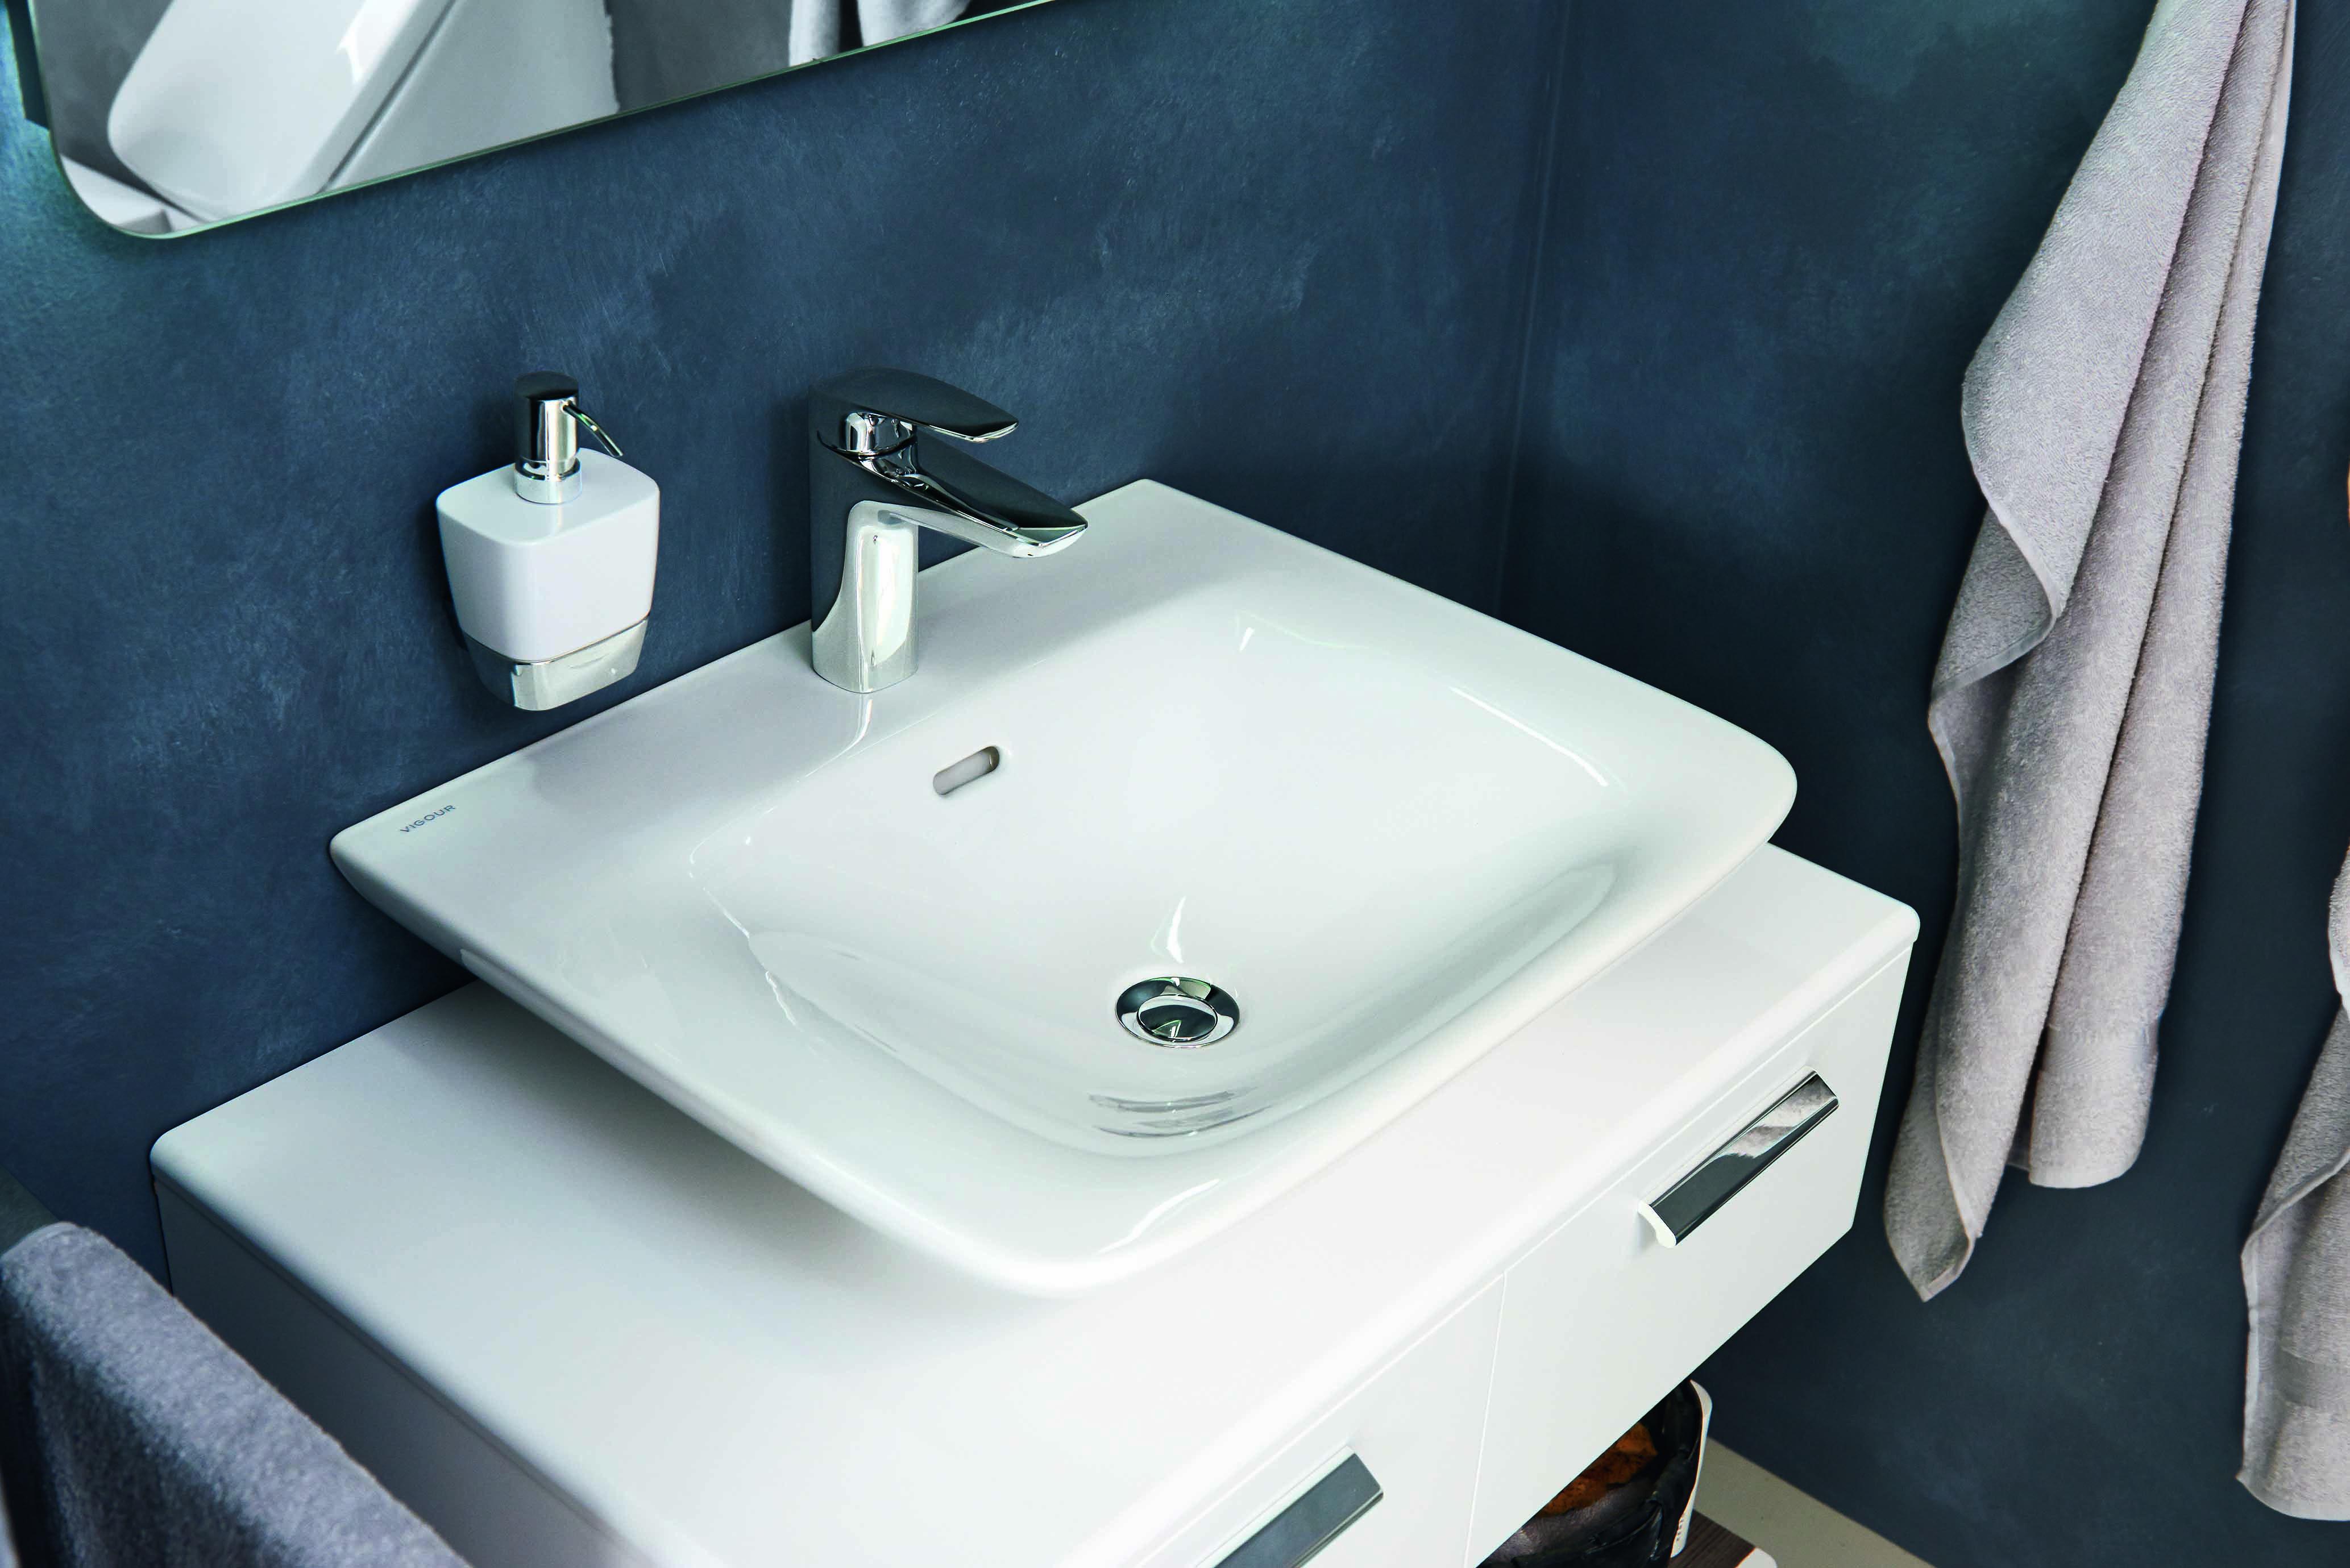 vigour white waschtisch waschtische waschtisch w sche und tisch. Black Bedroom Furniture Sets. Home Design Ideas